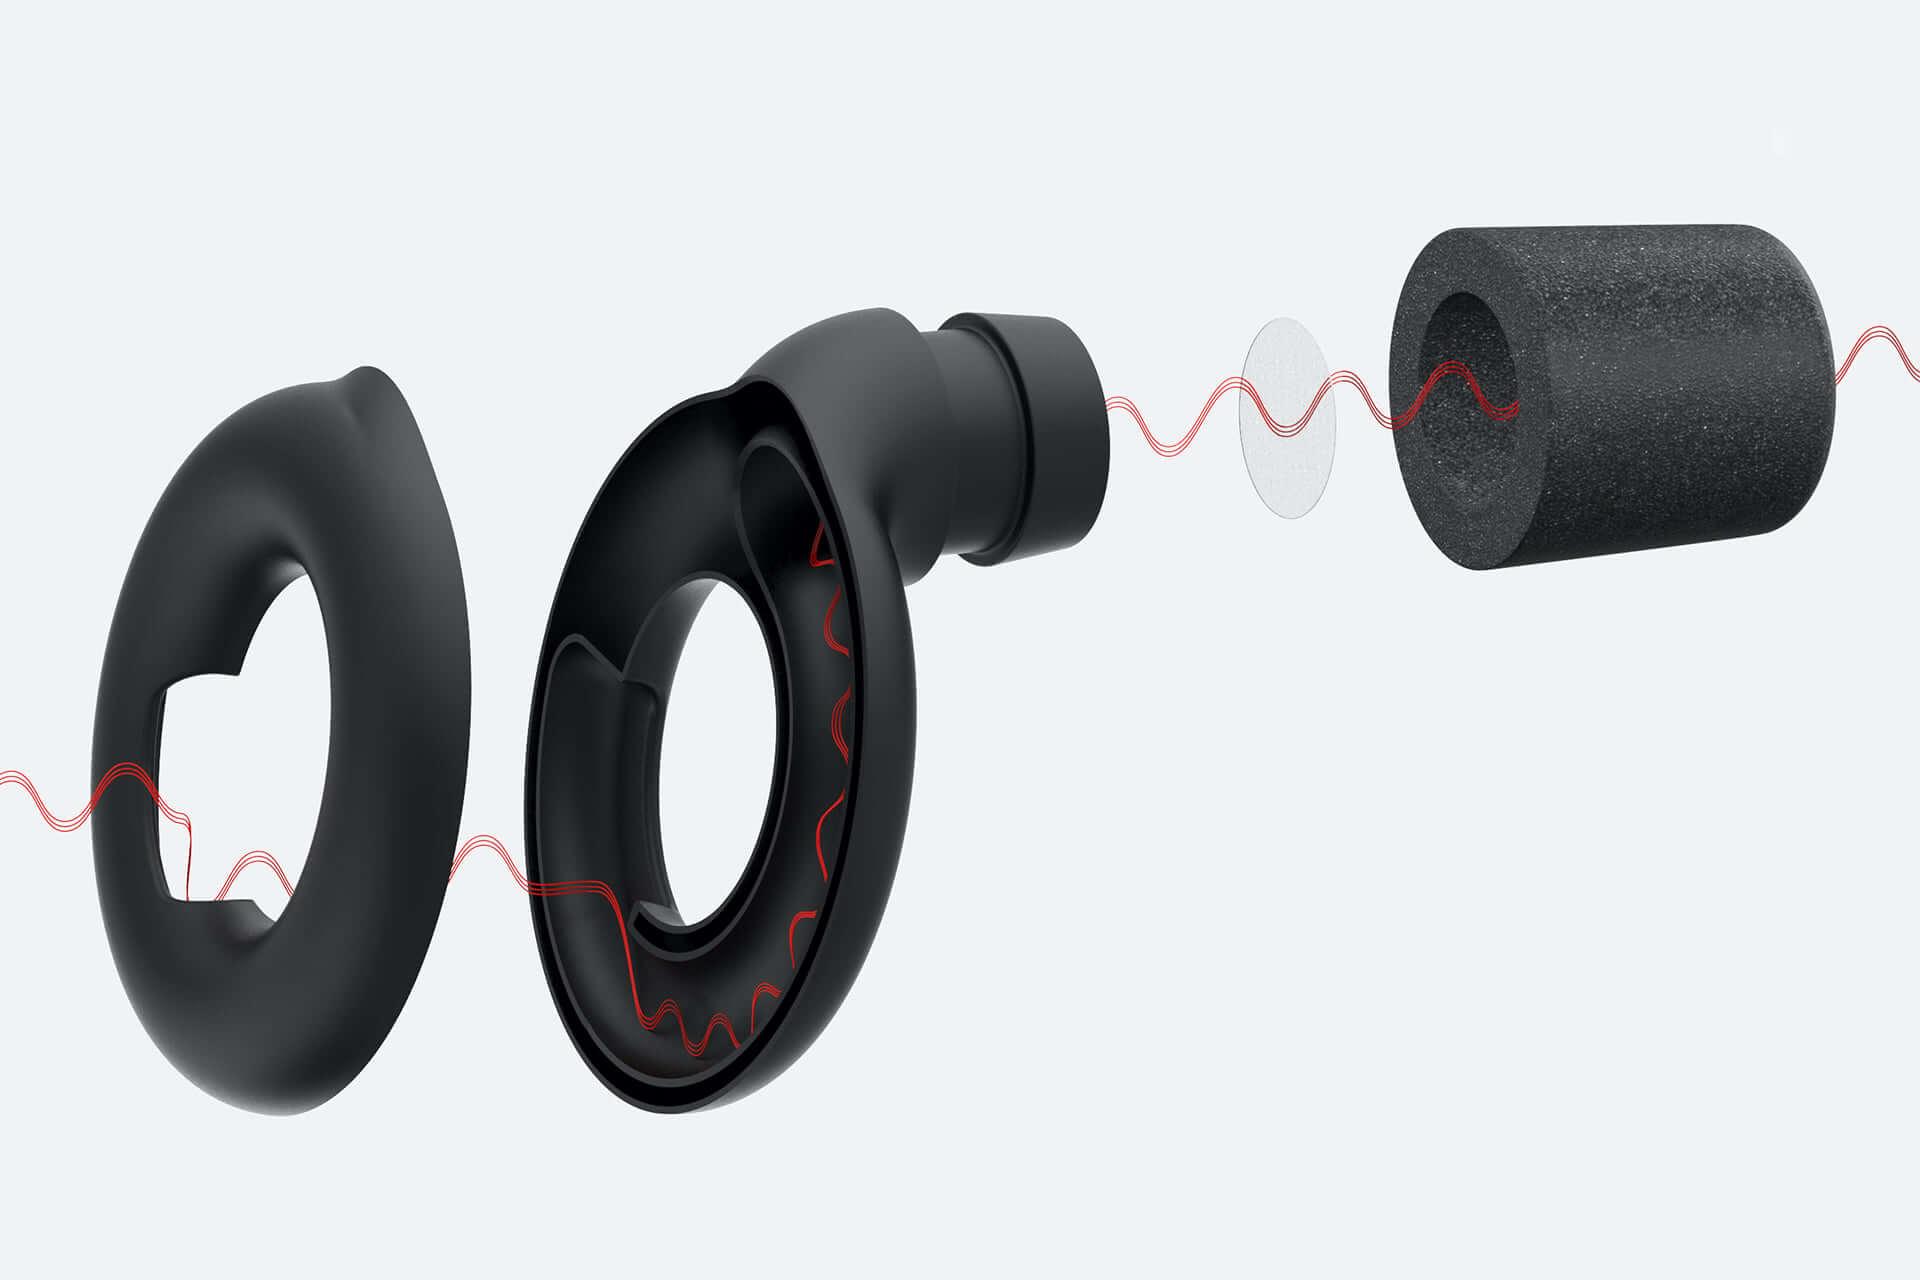 音楽を愛する全ての人の「耳」を守る、イヤリングのようなイヤープラグ『LOOP』が発売決定 tech191119_loop2-1920x1280